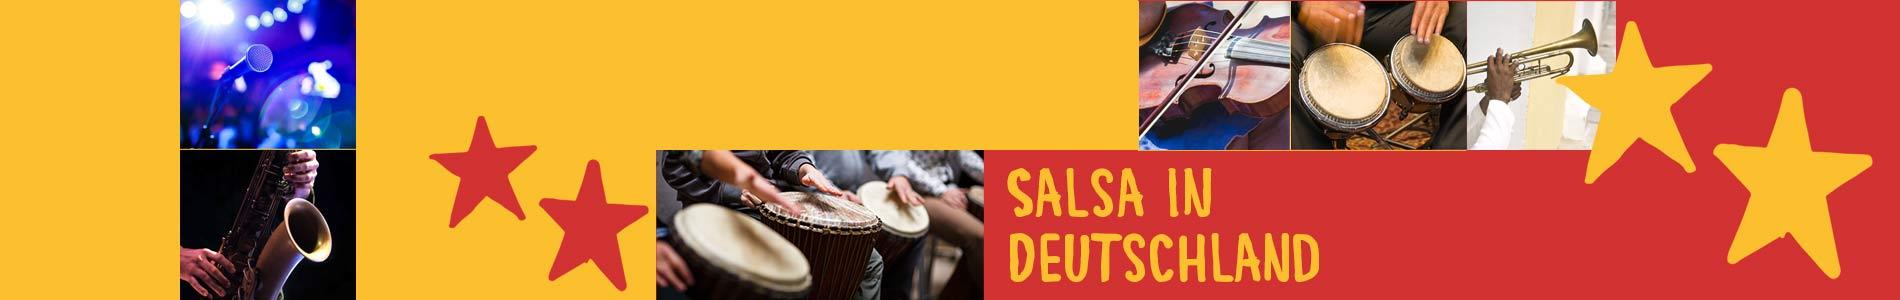 Salsa in Carlow – Salsa lernen und tanzen, Tanzkurse, Partys, Veranstaltungen